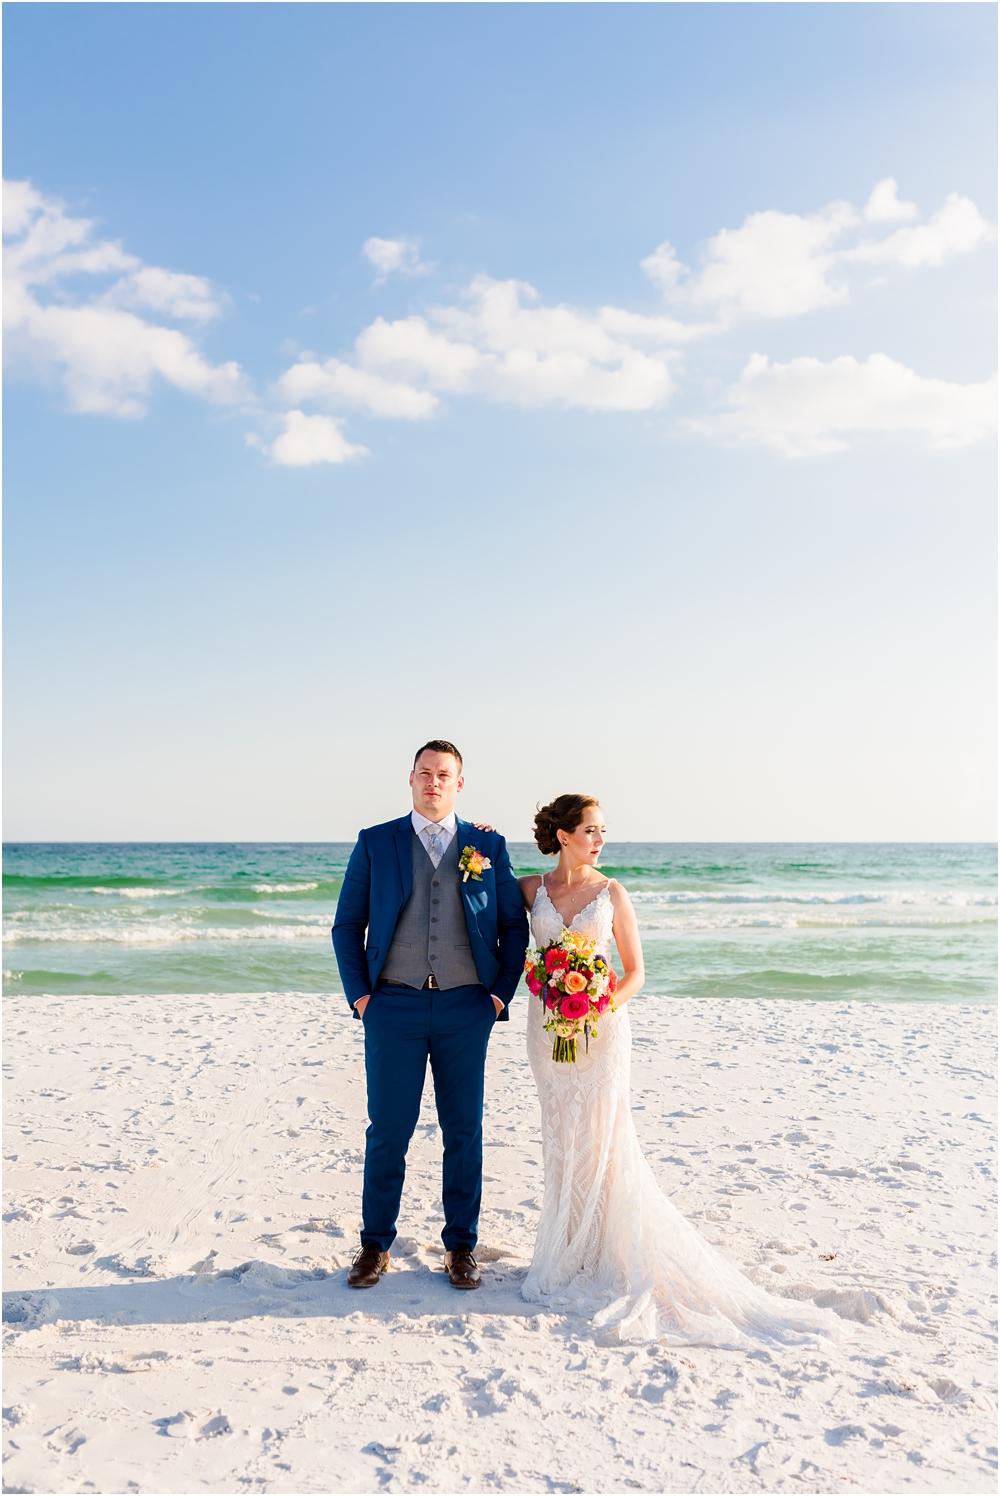 destin-sunquest-cruise-wedding-kiersten-stevenson-photography-96.jpg